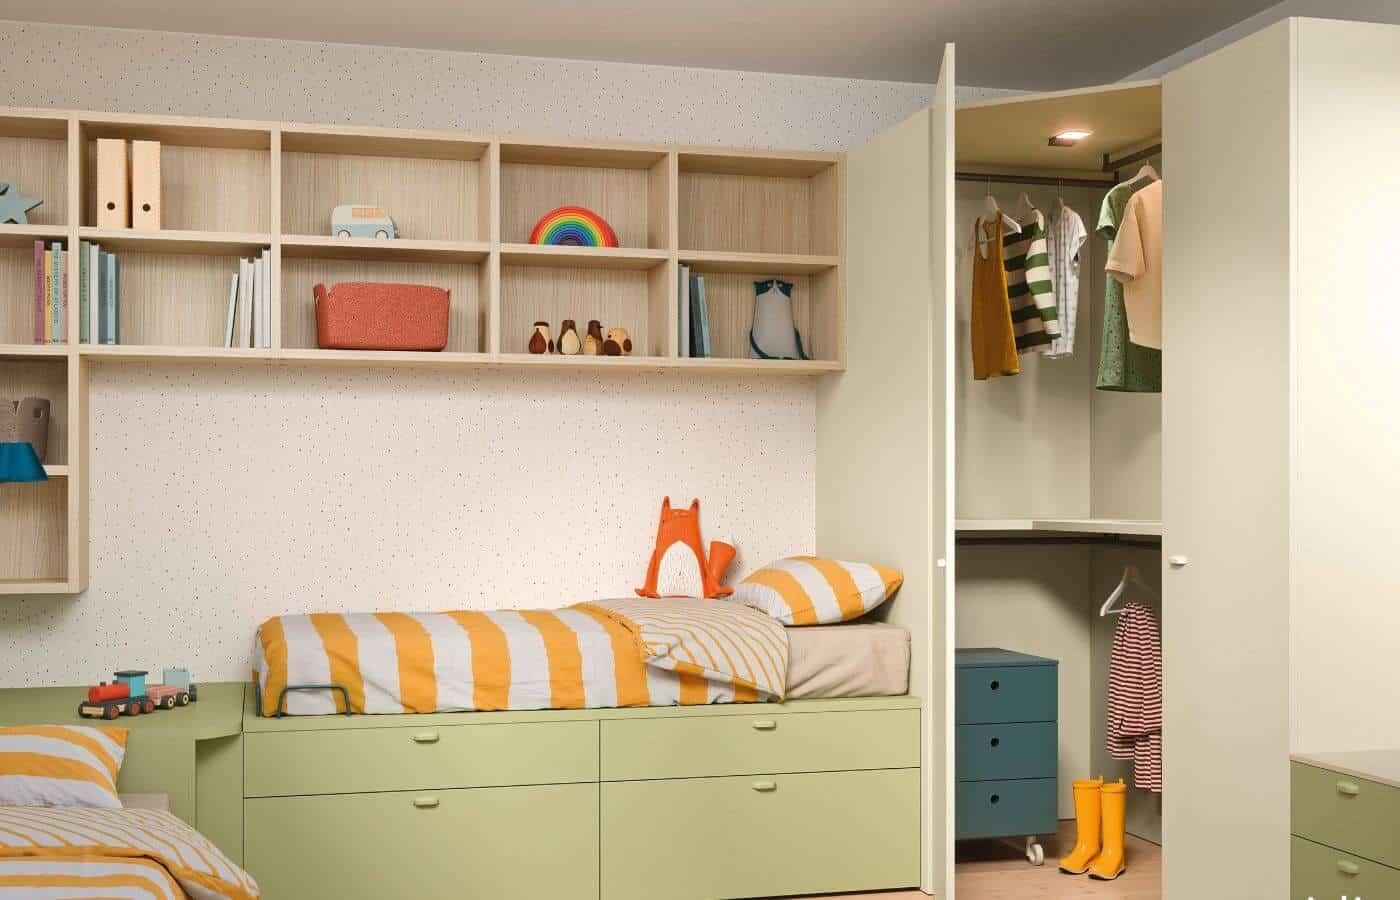 camerette-collezione-nest-il-mobile (7)